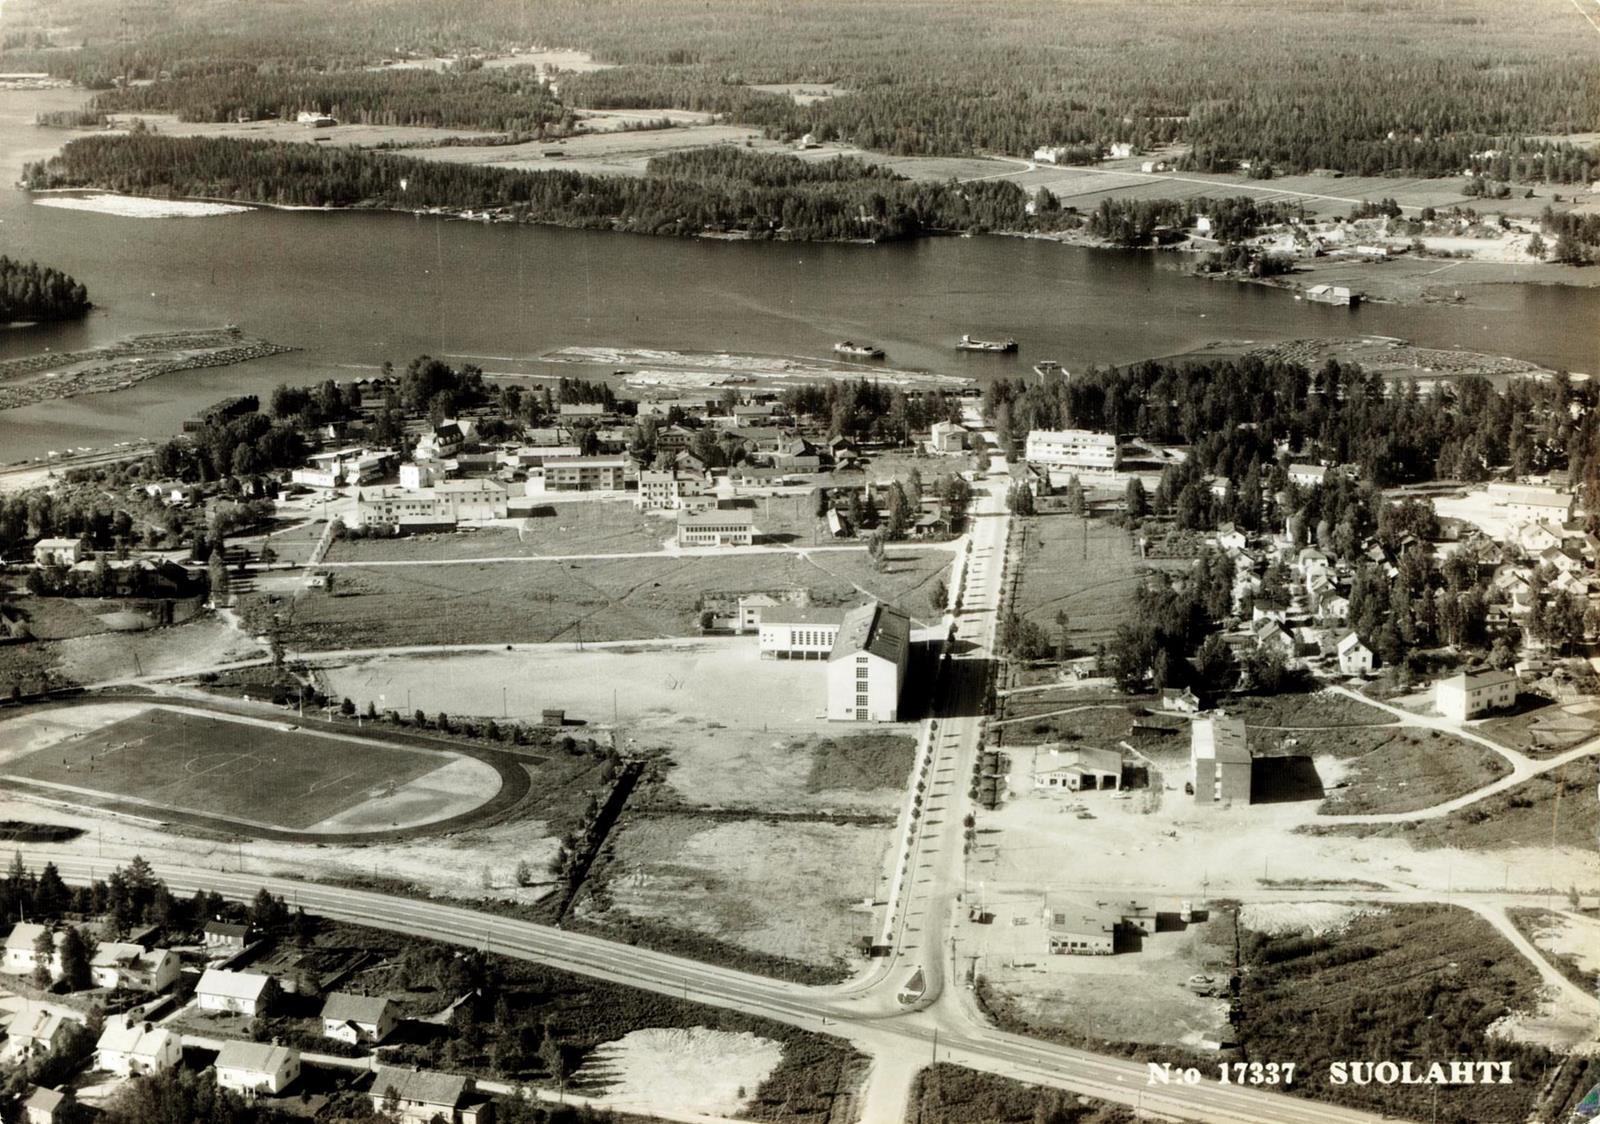 """Koulukadun ja Hopeapajunkadun (Puistokadun) kerrostaloalue on tunnusomainen Suolahdelle. Näissä kahdessa ensimmäisessä kuvassa alue on pelkkää peltoa. Tämä kuva on vuodelta 1964 ja Lastaajankadun ensimmäinen kerrostalo on miltei valmis huoltoaseman vieressä. Kaksi huoltoasemaa täällä """"laitakylällä"""" kertovat jo autoistumisen alkaneen. Ostokeskus (1967) ei ole vielä parkkipaikkoineen muotia tukemassa."""